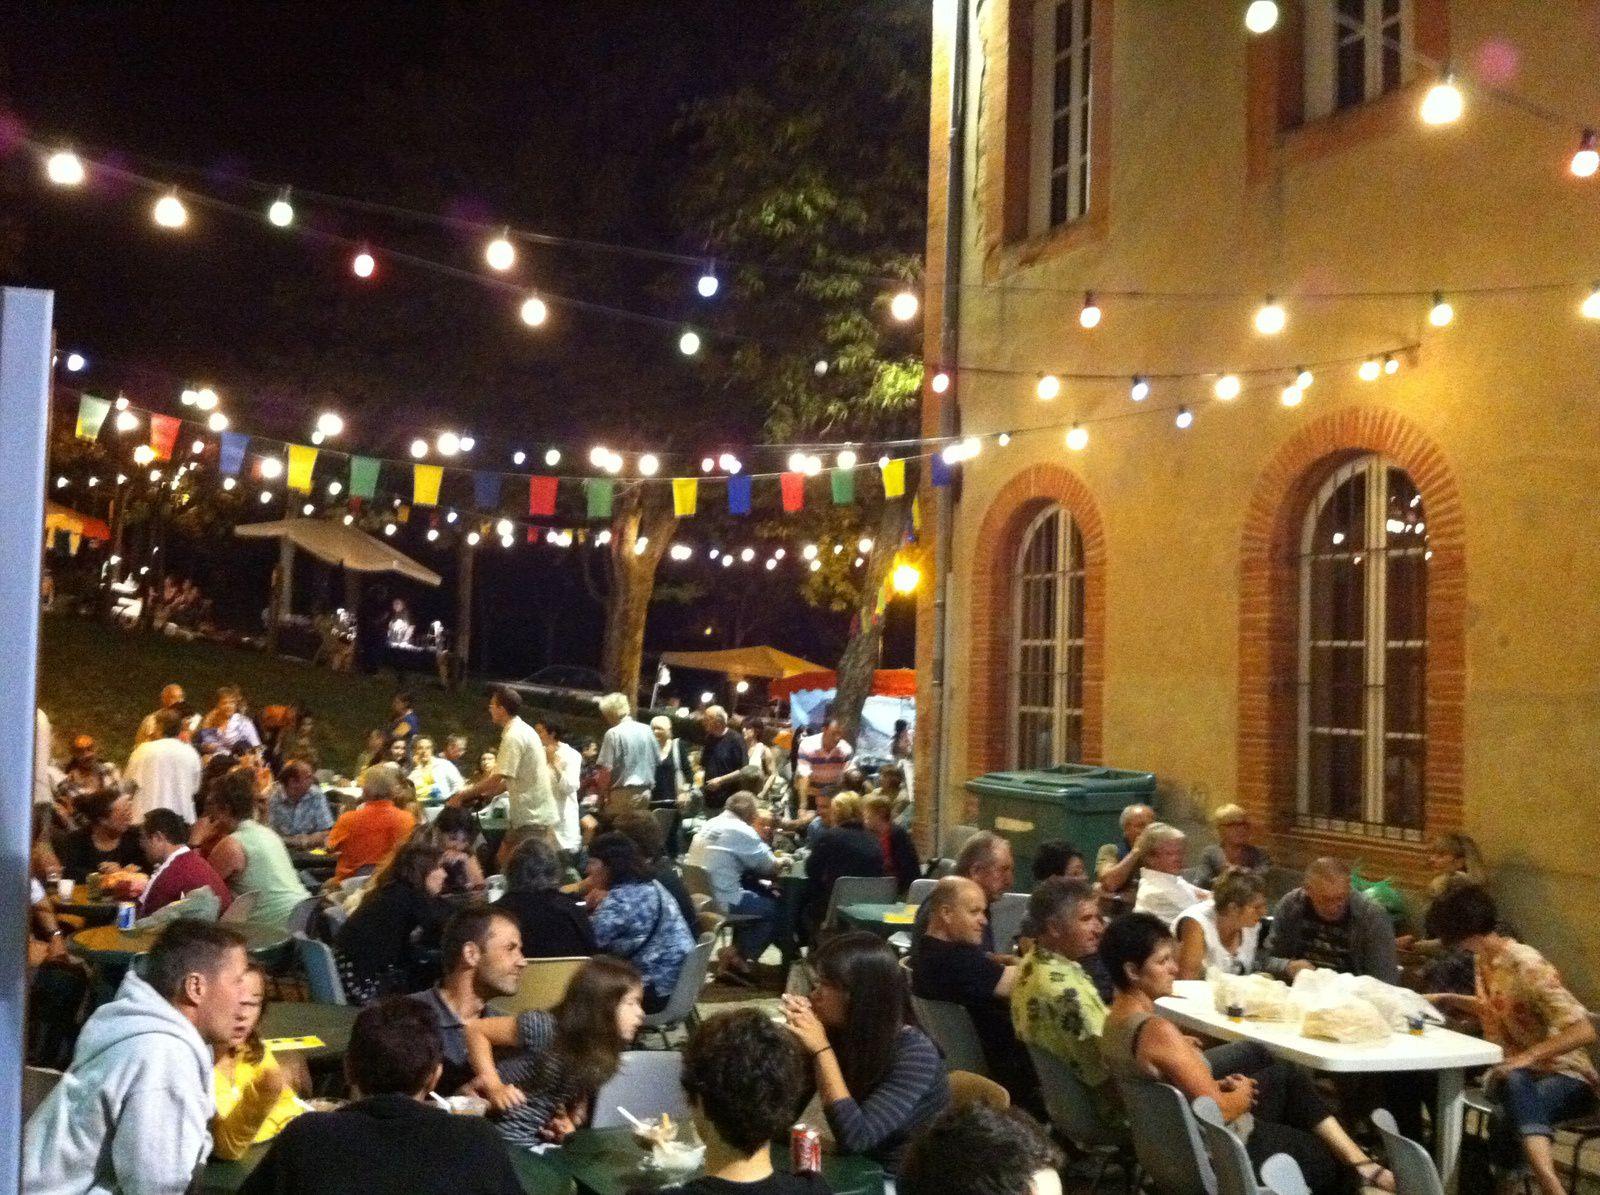 Les marchés de nuit de retour à Avignonet (31)